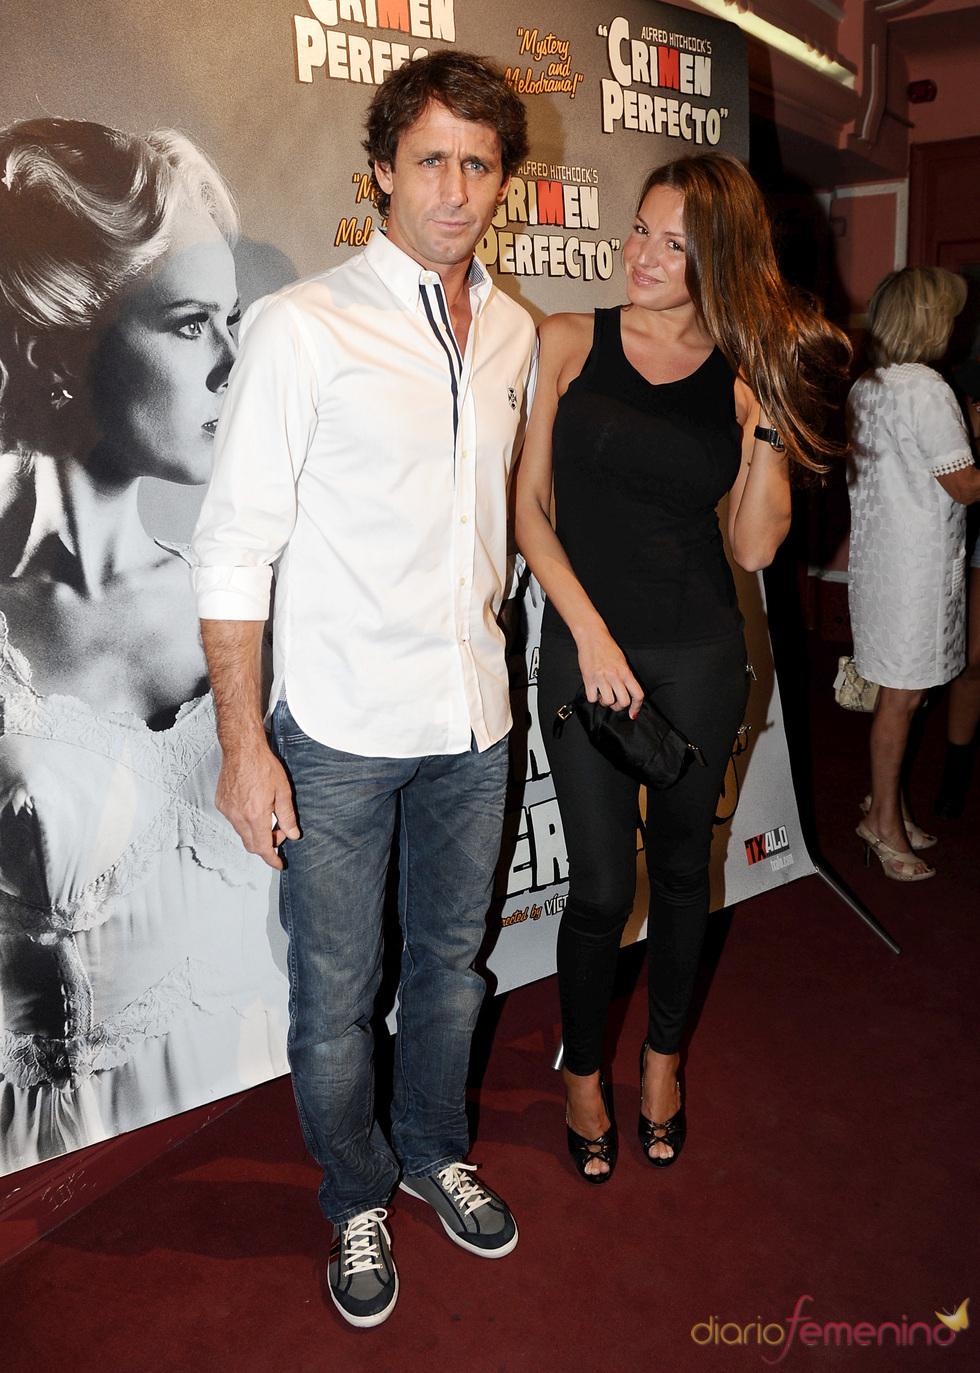 Álvaro Muñoz Escassi y Patricia Martínez en el estreno de 'Crimen perfecto' en Madrid